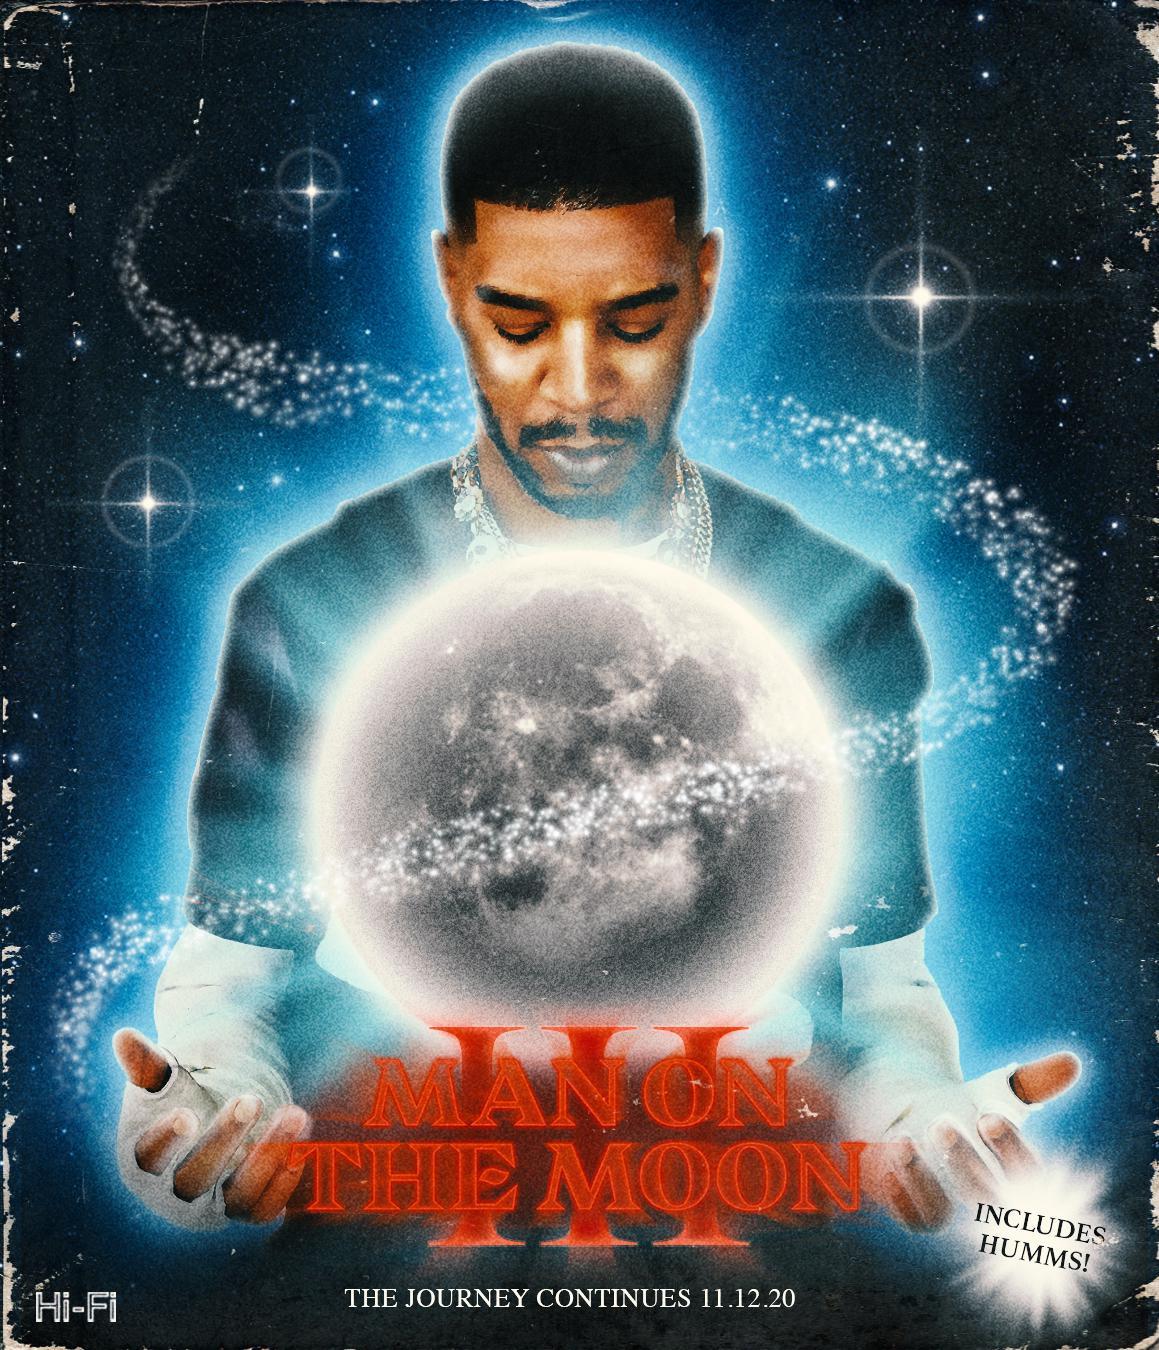 man on the moon iii 80 s style movie